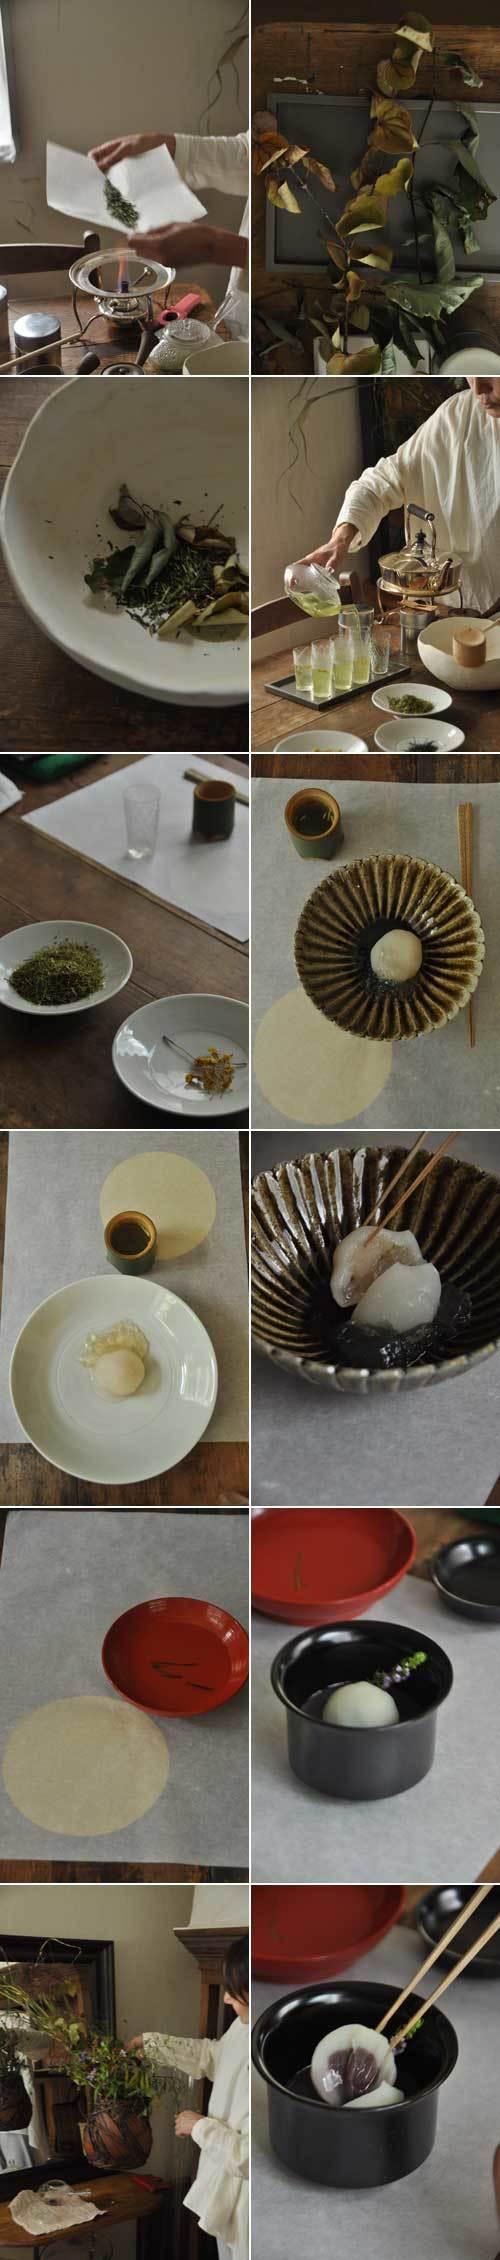 日本茶こよみ〜冬至 開催のお知らせ_d0023111_10531697.jpg